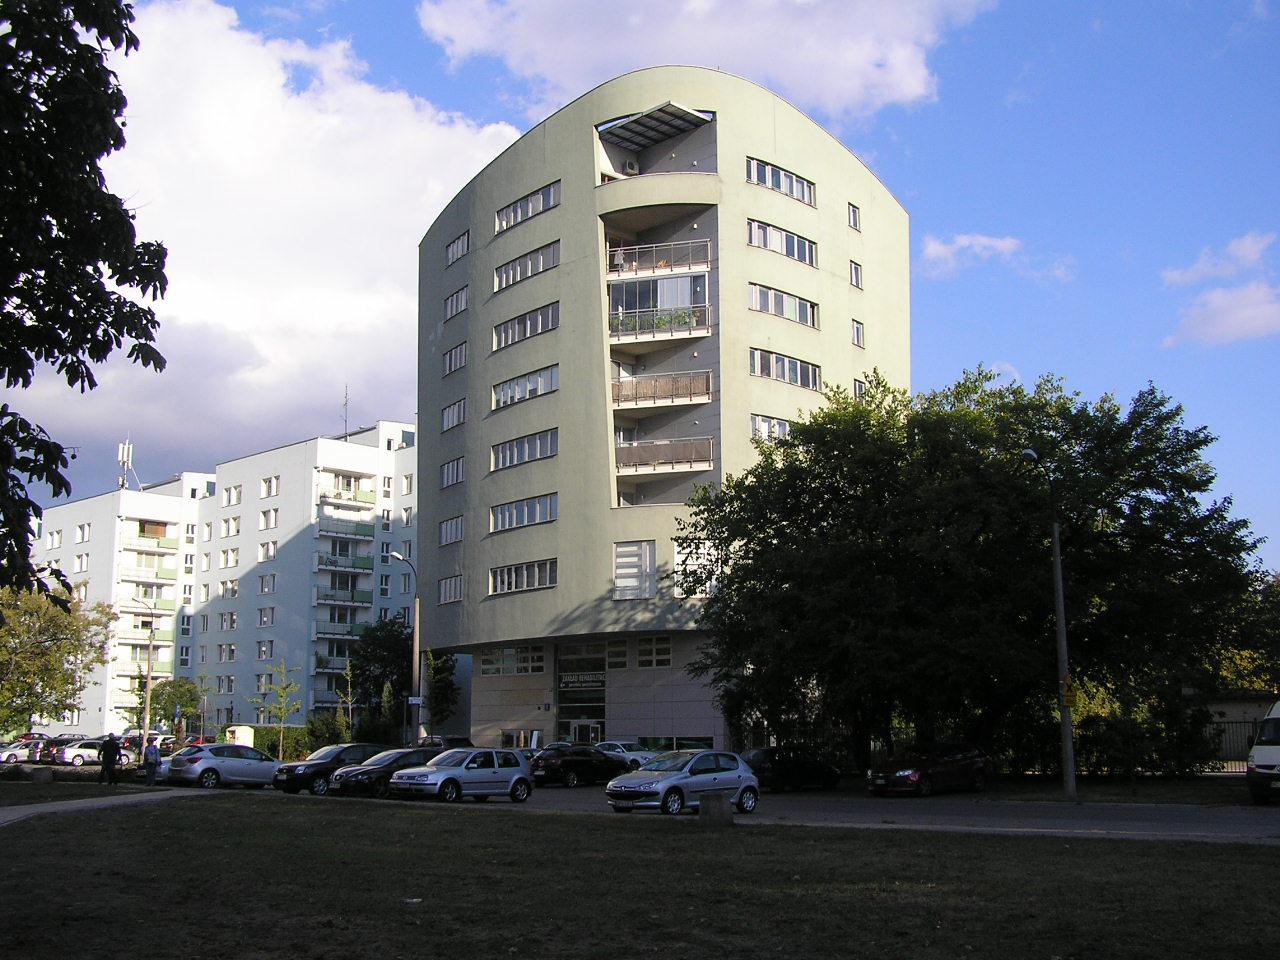 Majdańska 12